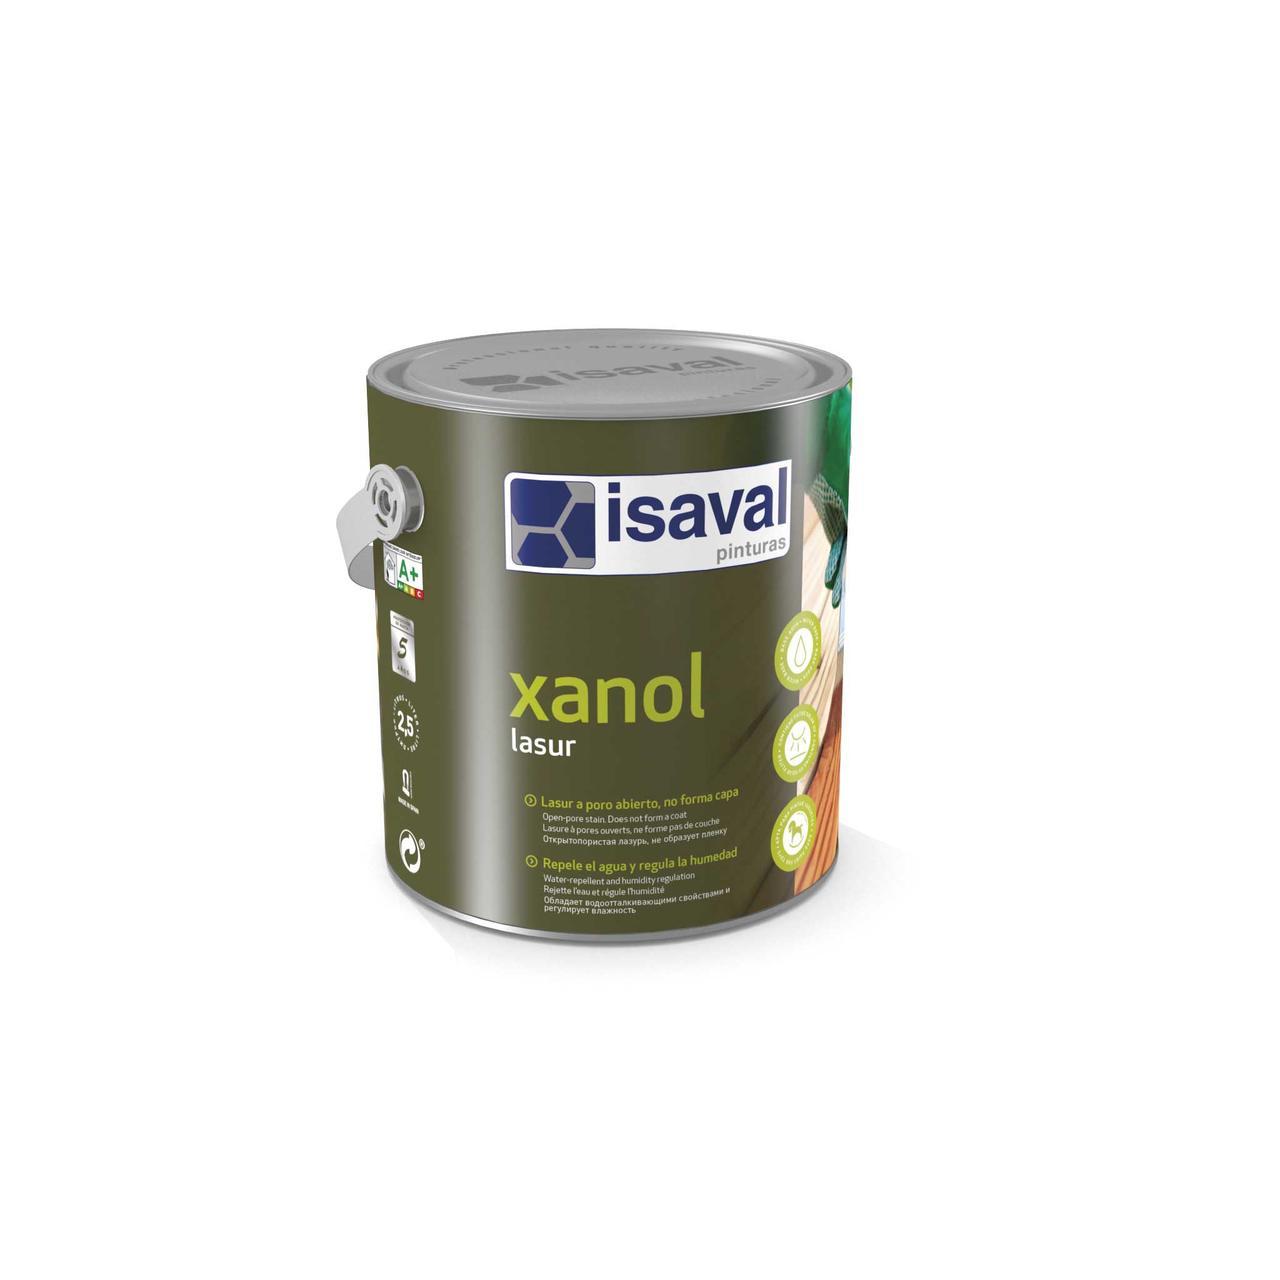 Защитная лазурь для дерева на водной основе Ксанол ISAVAL цветная 0,75л≈10м²/слой